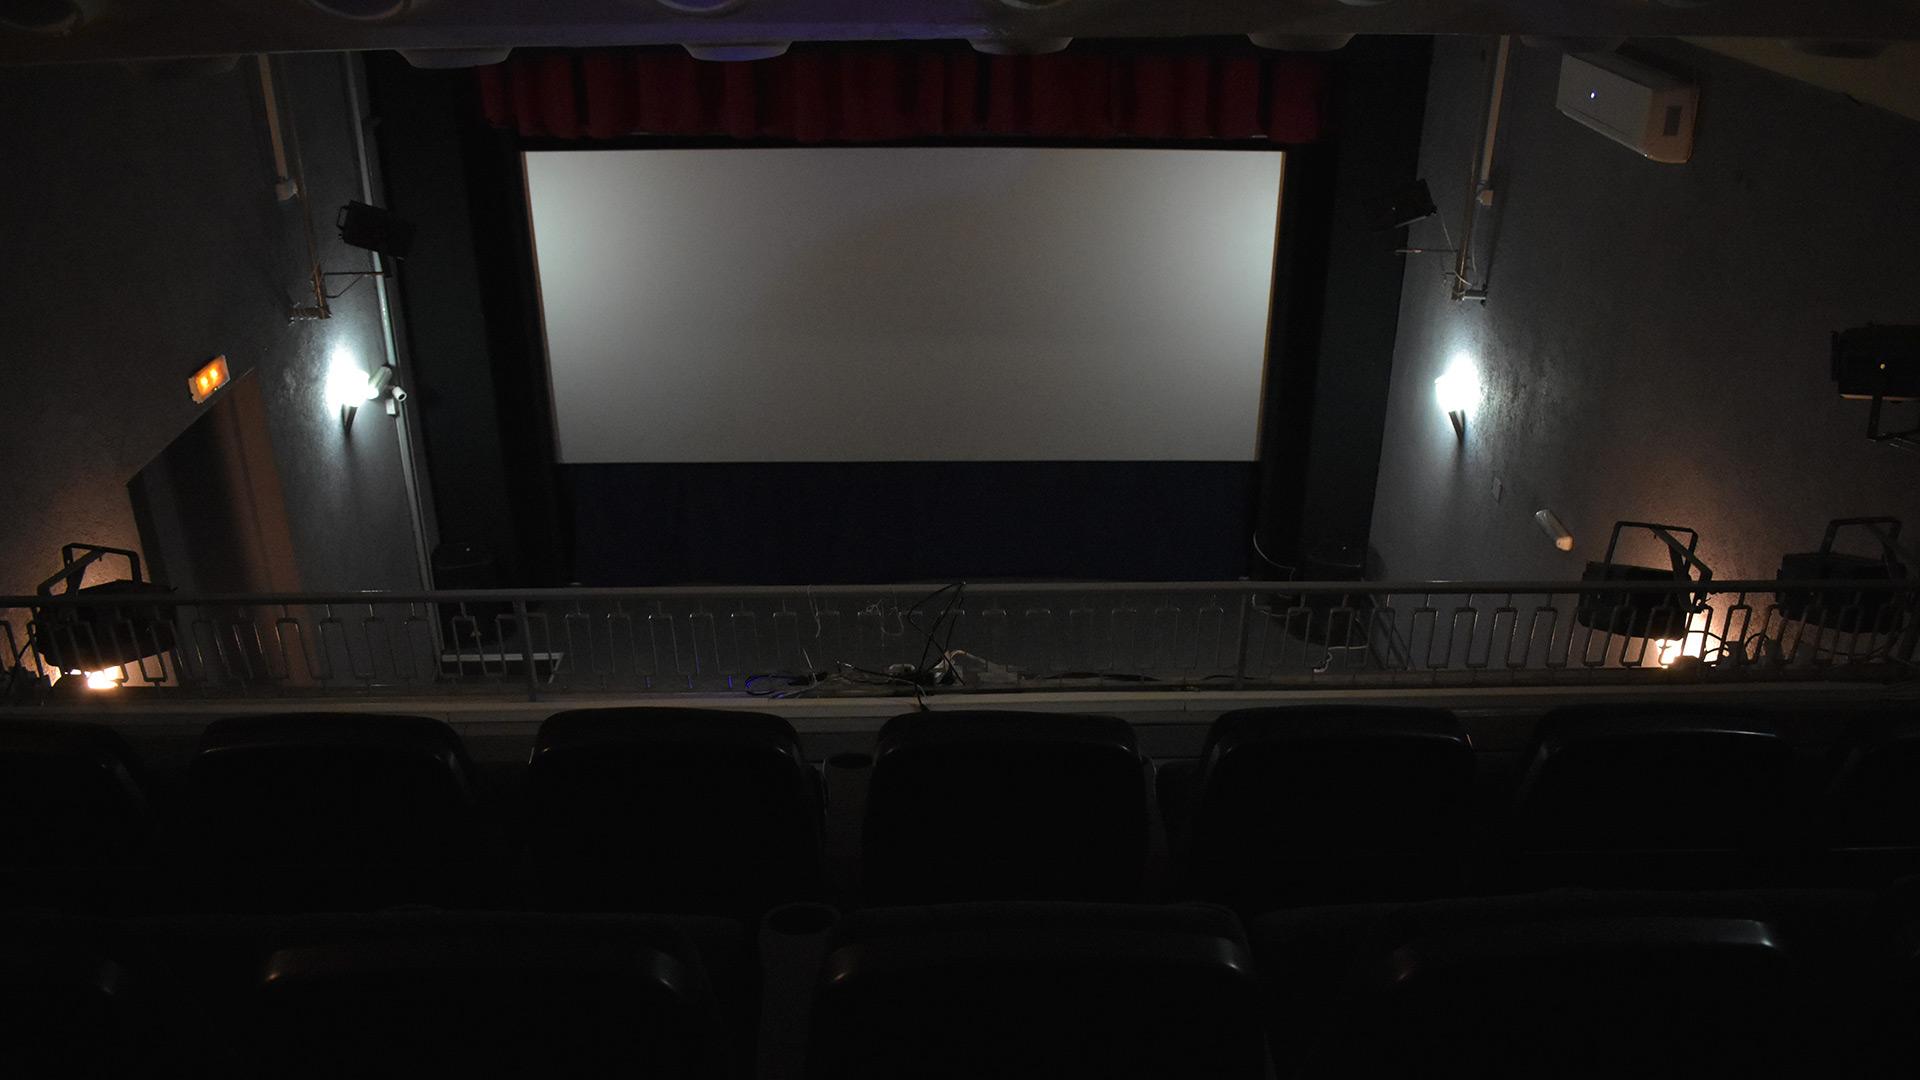 bioskop-subheader-1